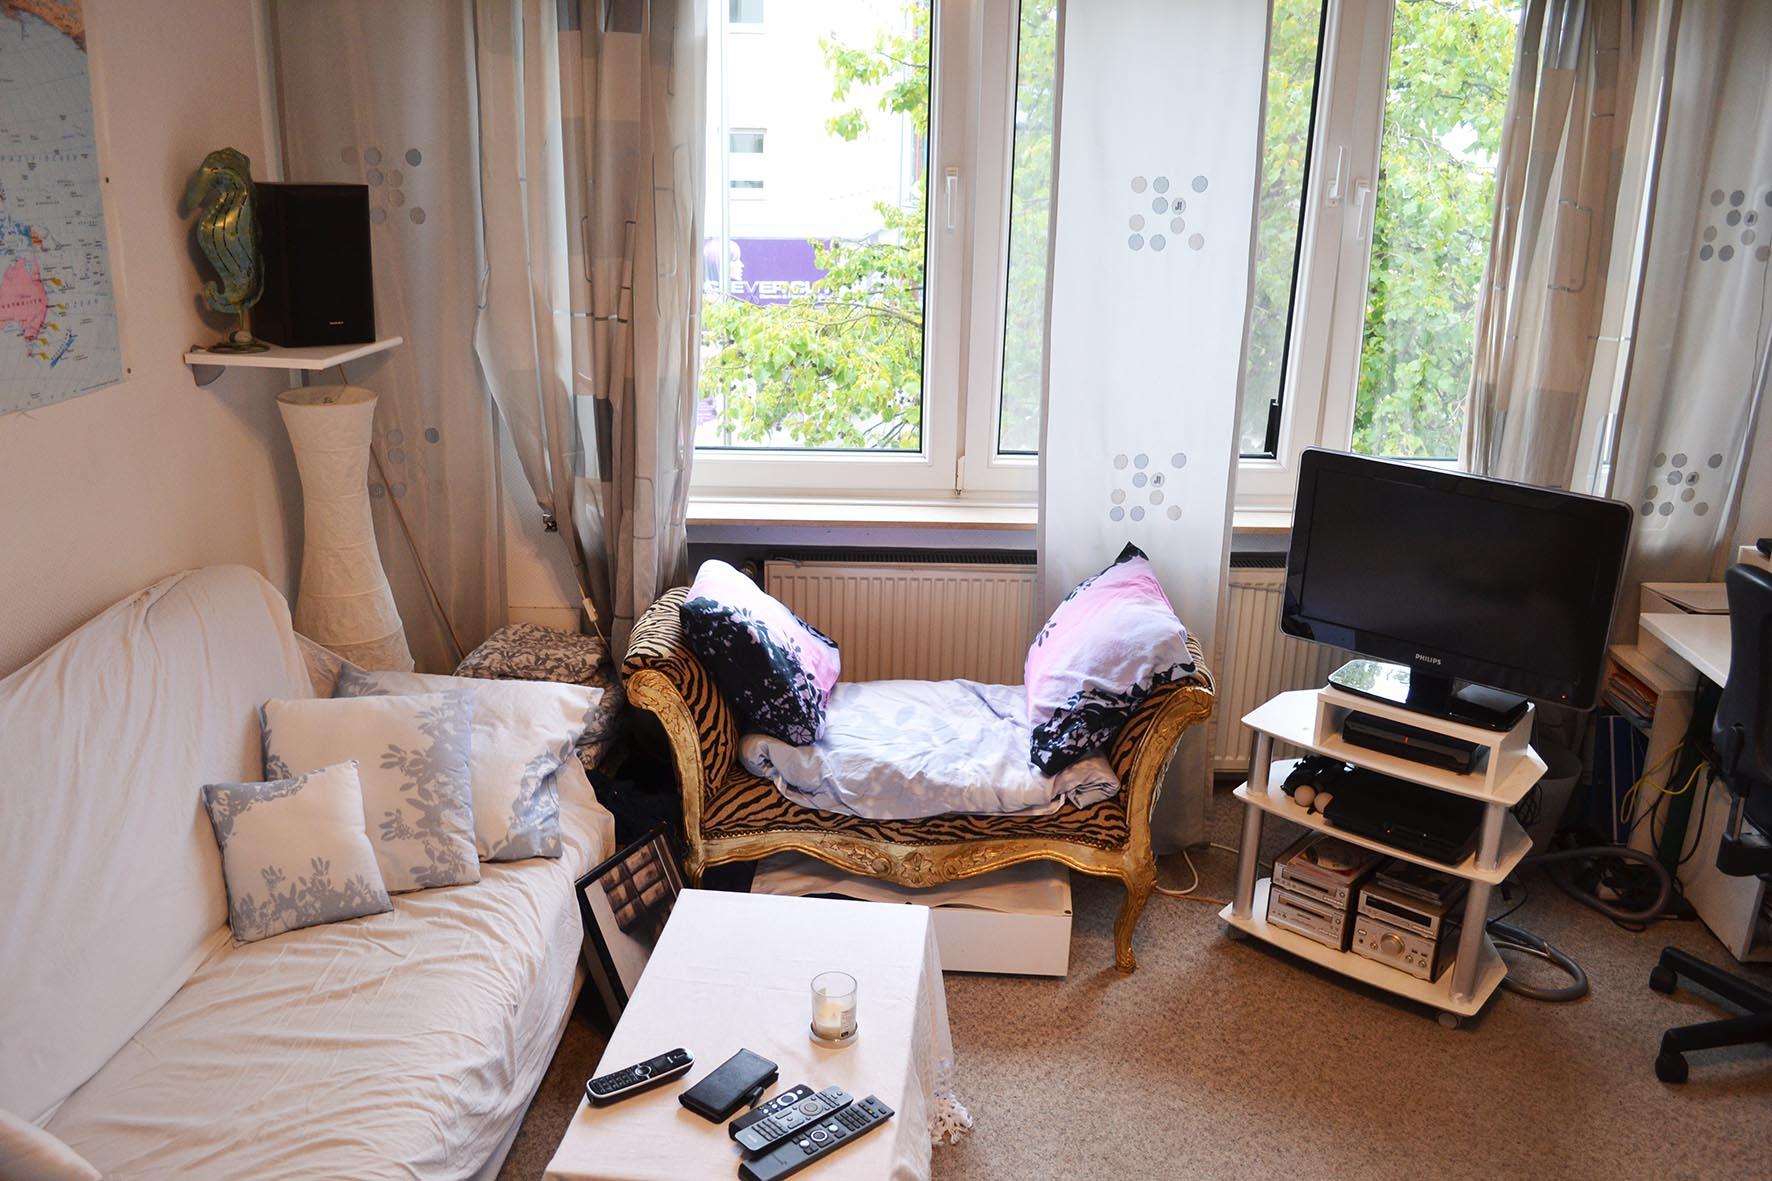 1 zimmer appartment in der m nchengladbacher innenstadt schormann immobilien. Black Bedroom Furniture Sets. Home Design Ideas